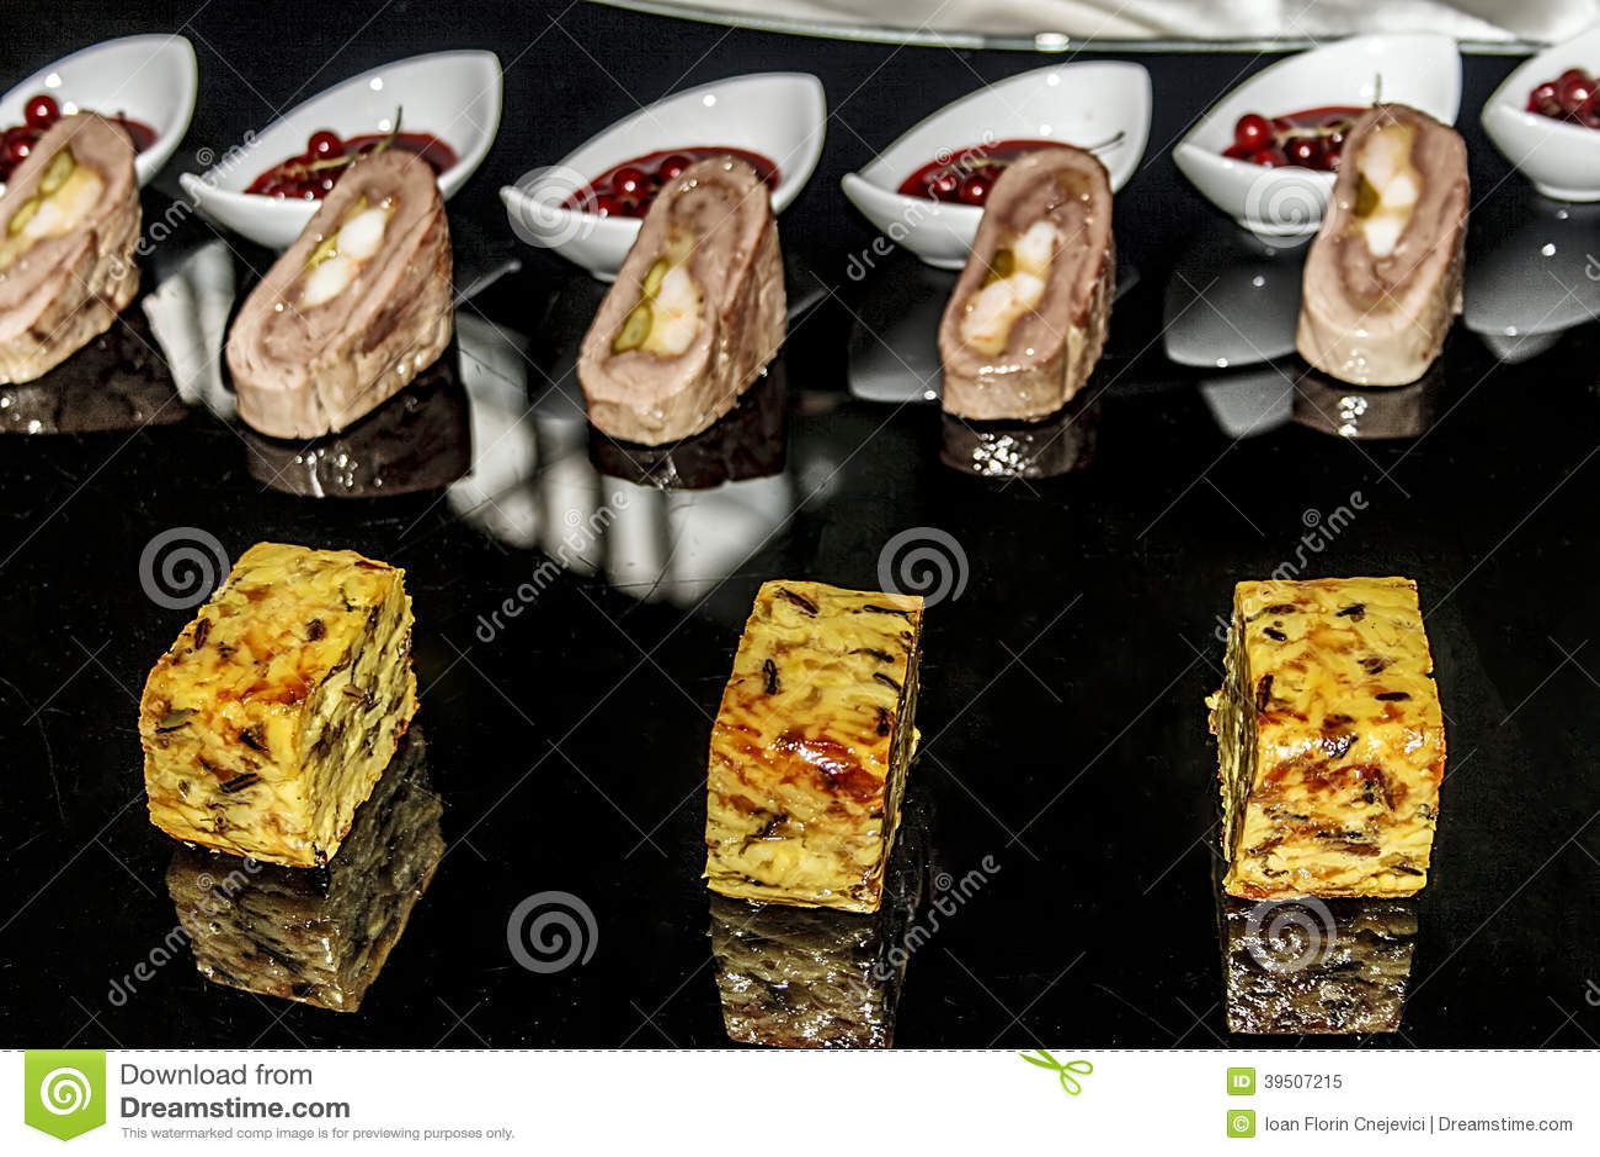 Arrangement of food 18